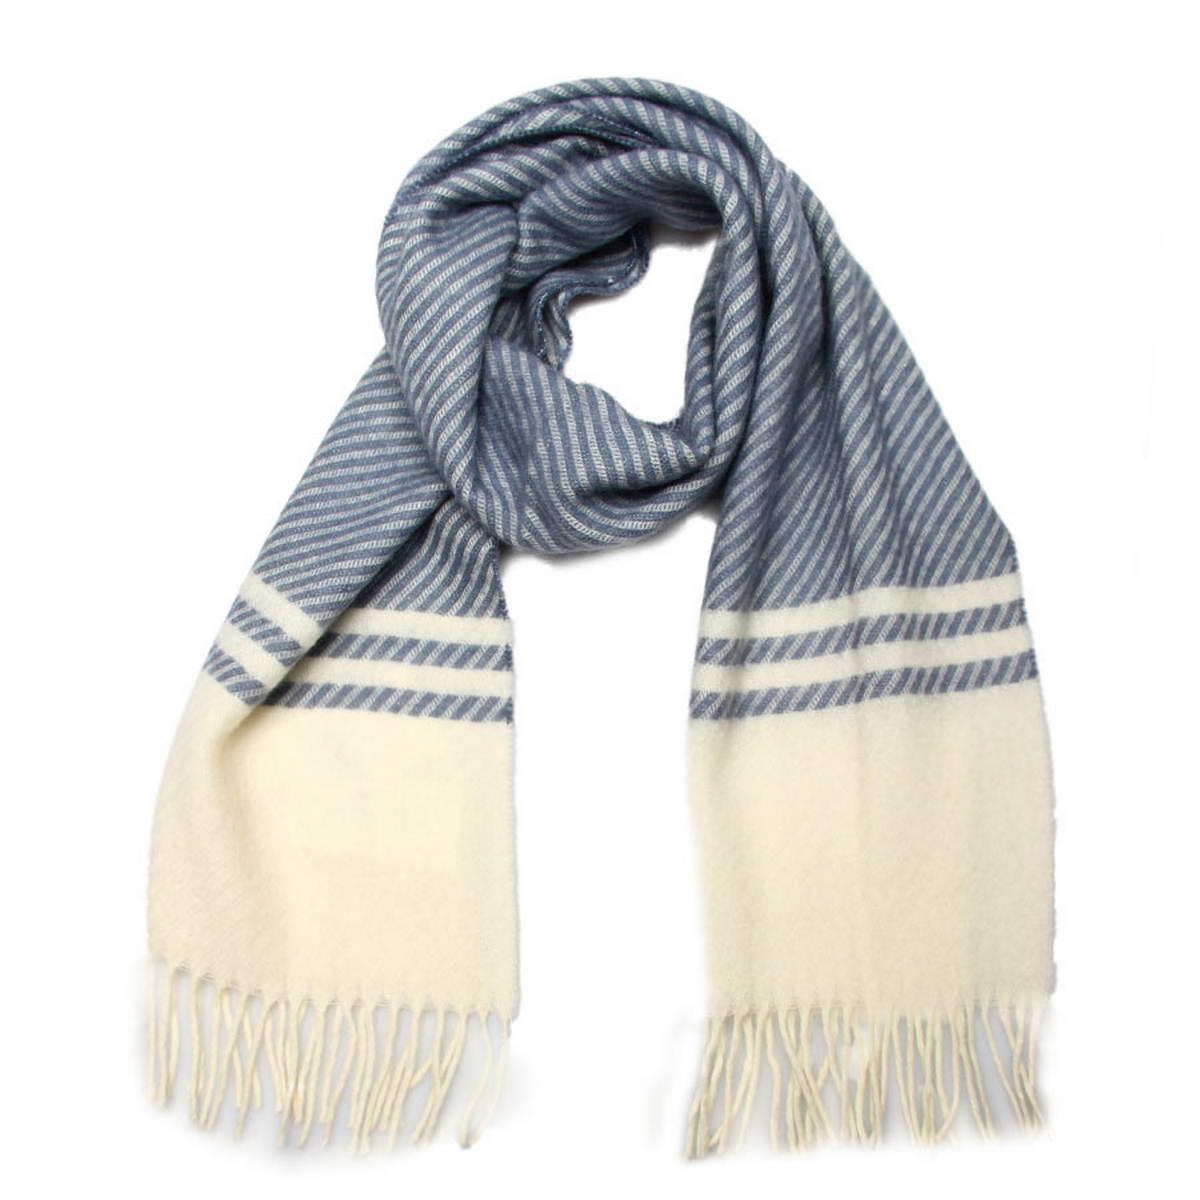 Шарф мужской. 50020325002032-2Элегантный мужской шарф Venera согреет вас в холодное время года, а также станет изысканным аксессуаром, который призван подчеркнуть ваш стиль и индивидуальность. Оригинальный теплый шарф выполнен из высококачественной шерстяной пряжи. Шарф оформлен узором в узкую диагональную полоску и дополнен бахромой в виде жгутиков по краю. Такой шарф станет превосходным дополнением к любому наряду, защитит вас от ветра и холода и позволит вам создать свой неповторимый стиль.